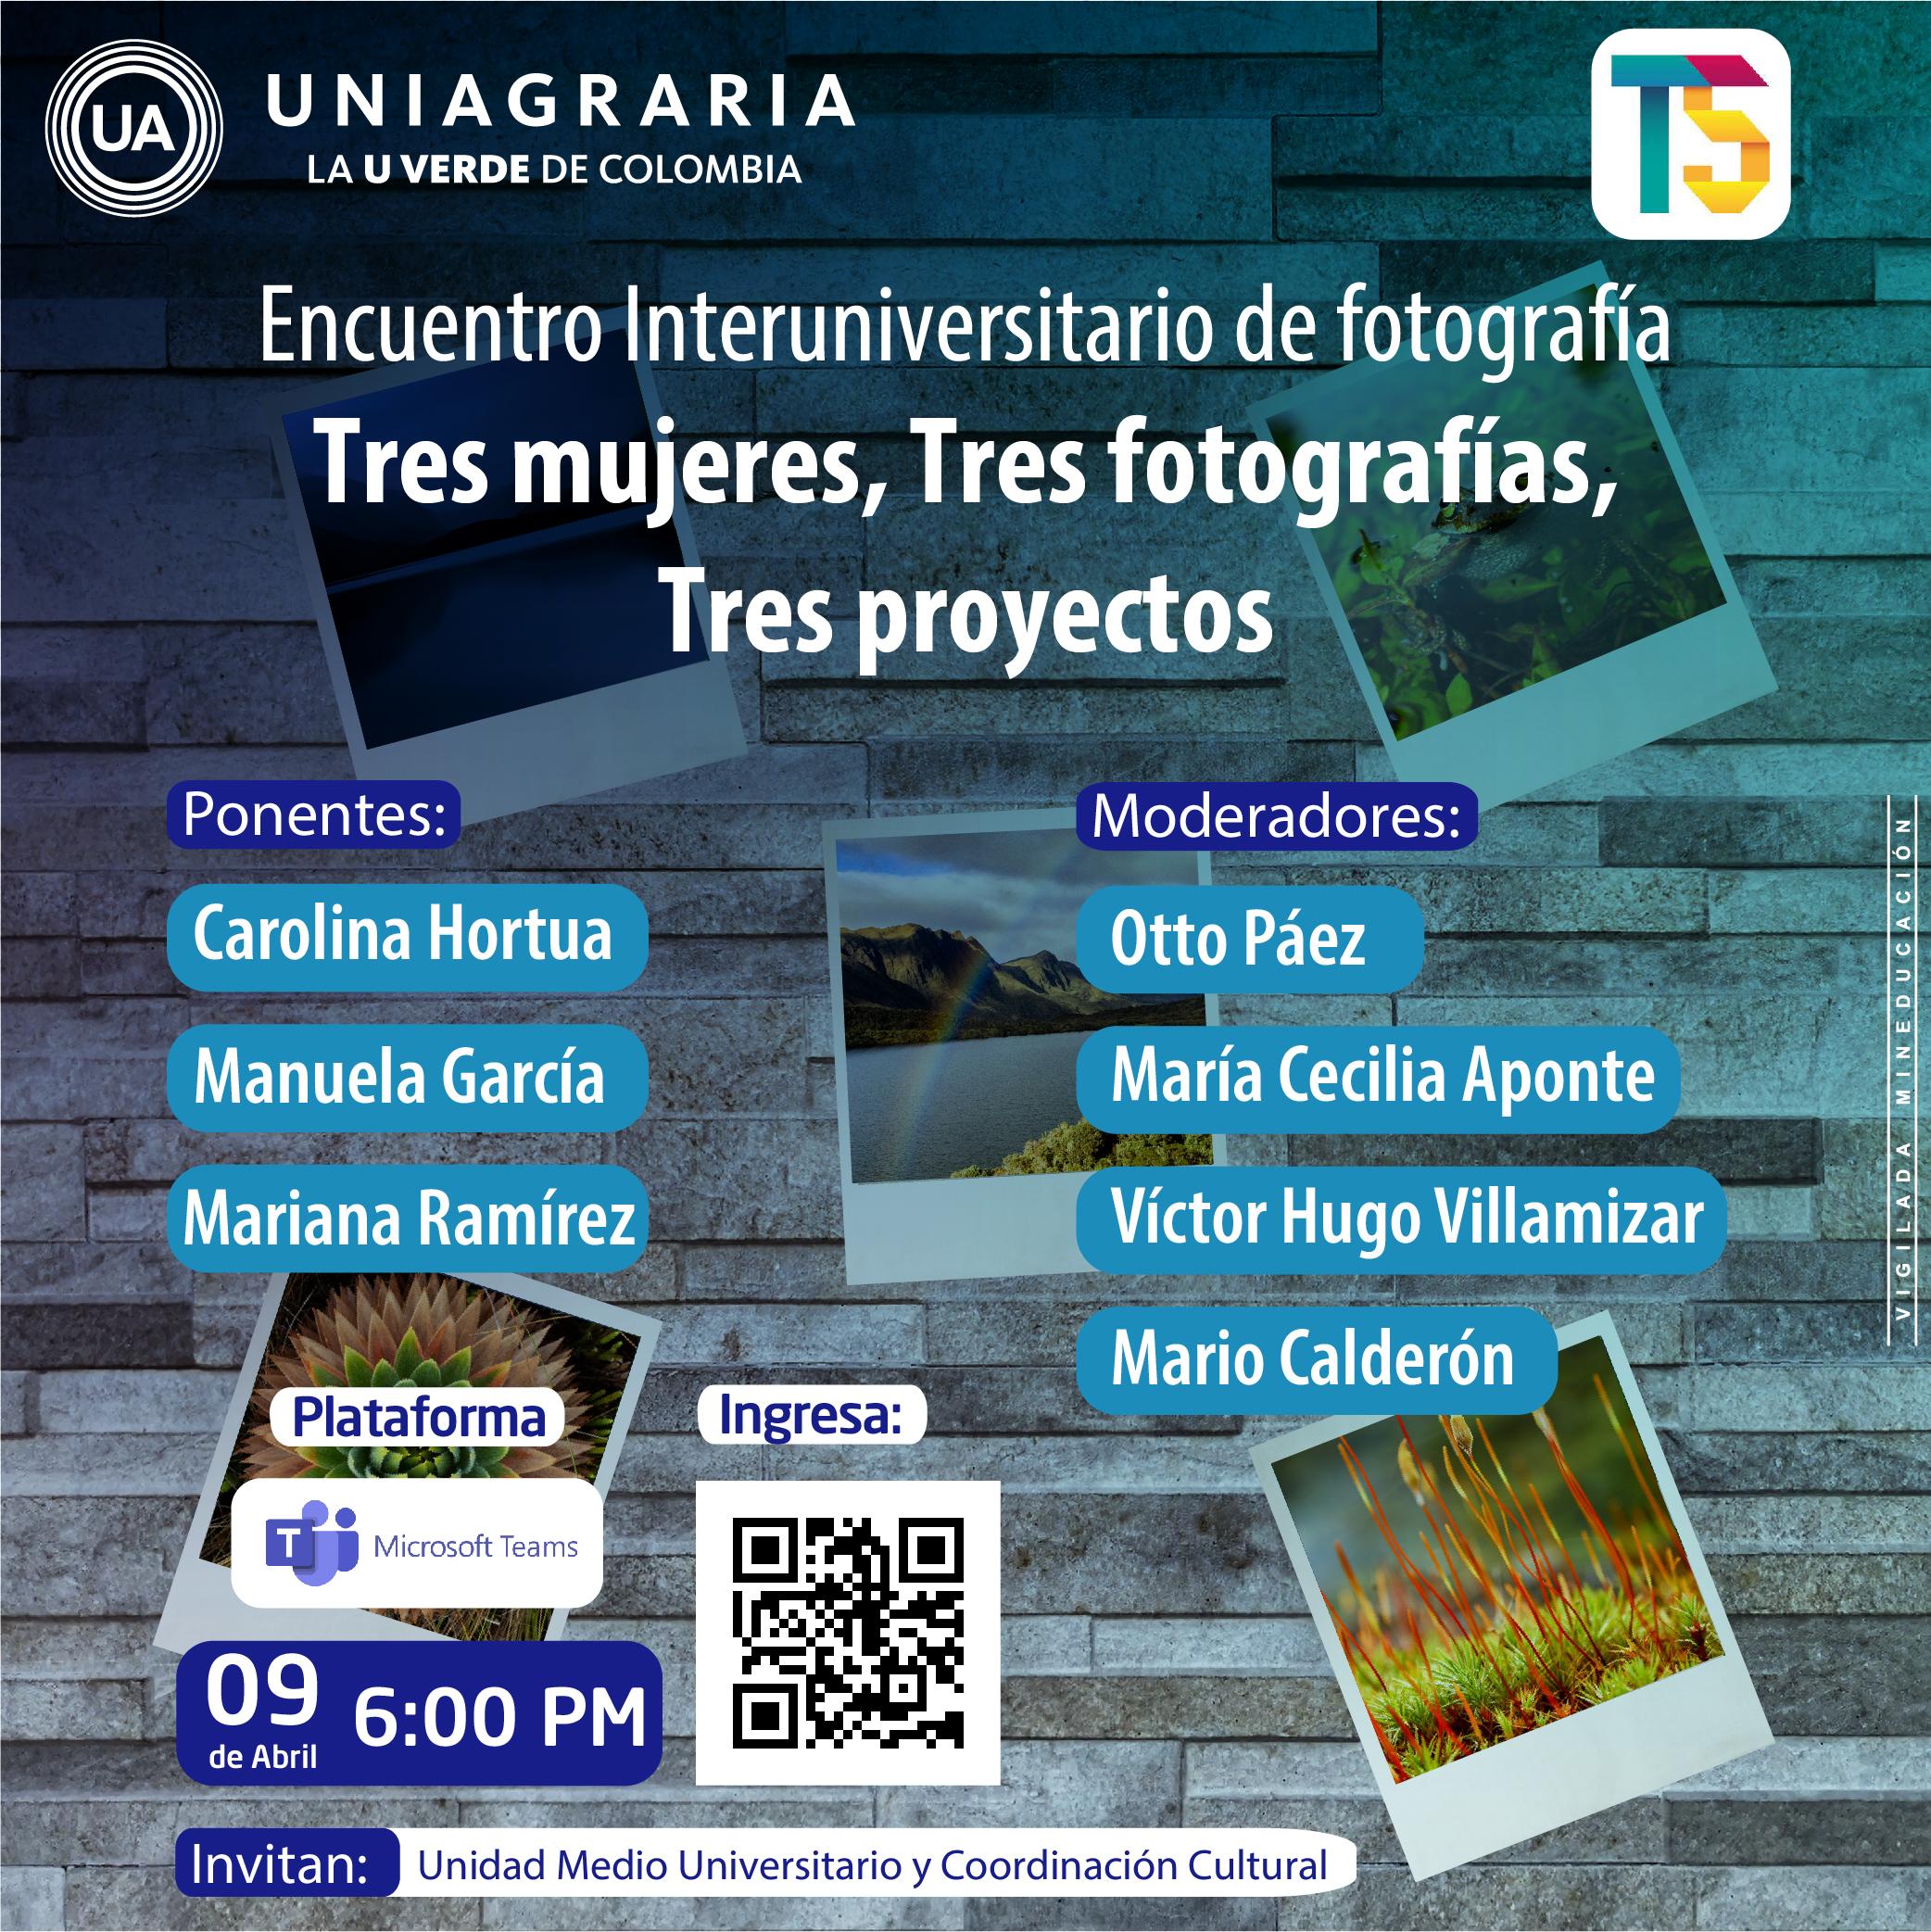 Encuentro Interuniversitario de fotografía: Tres mujeres, Tres fotografías, Tres proyectos